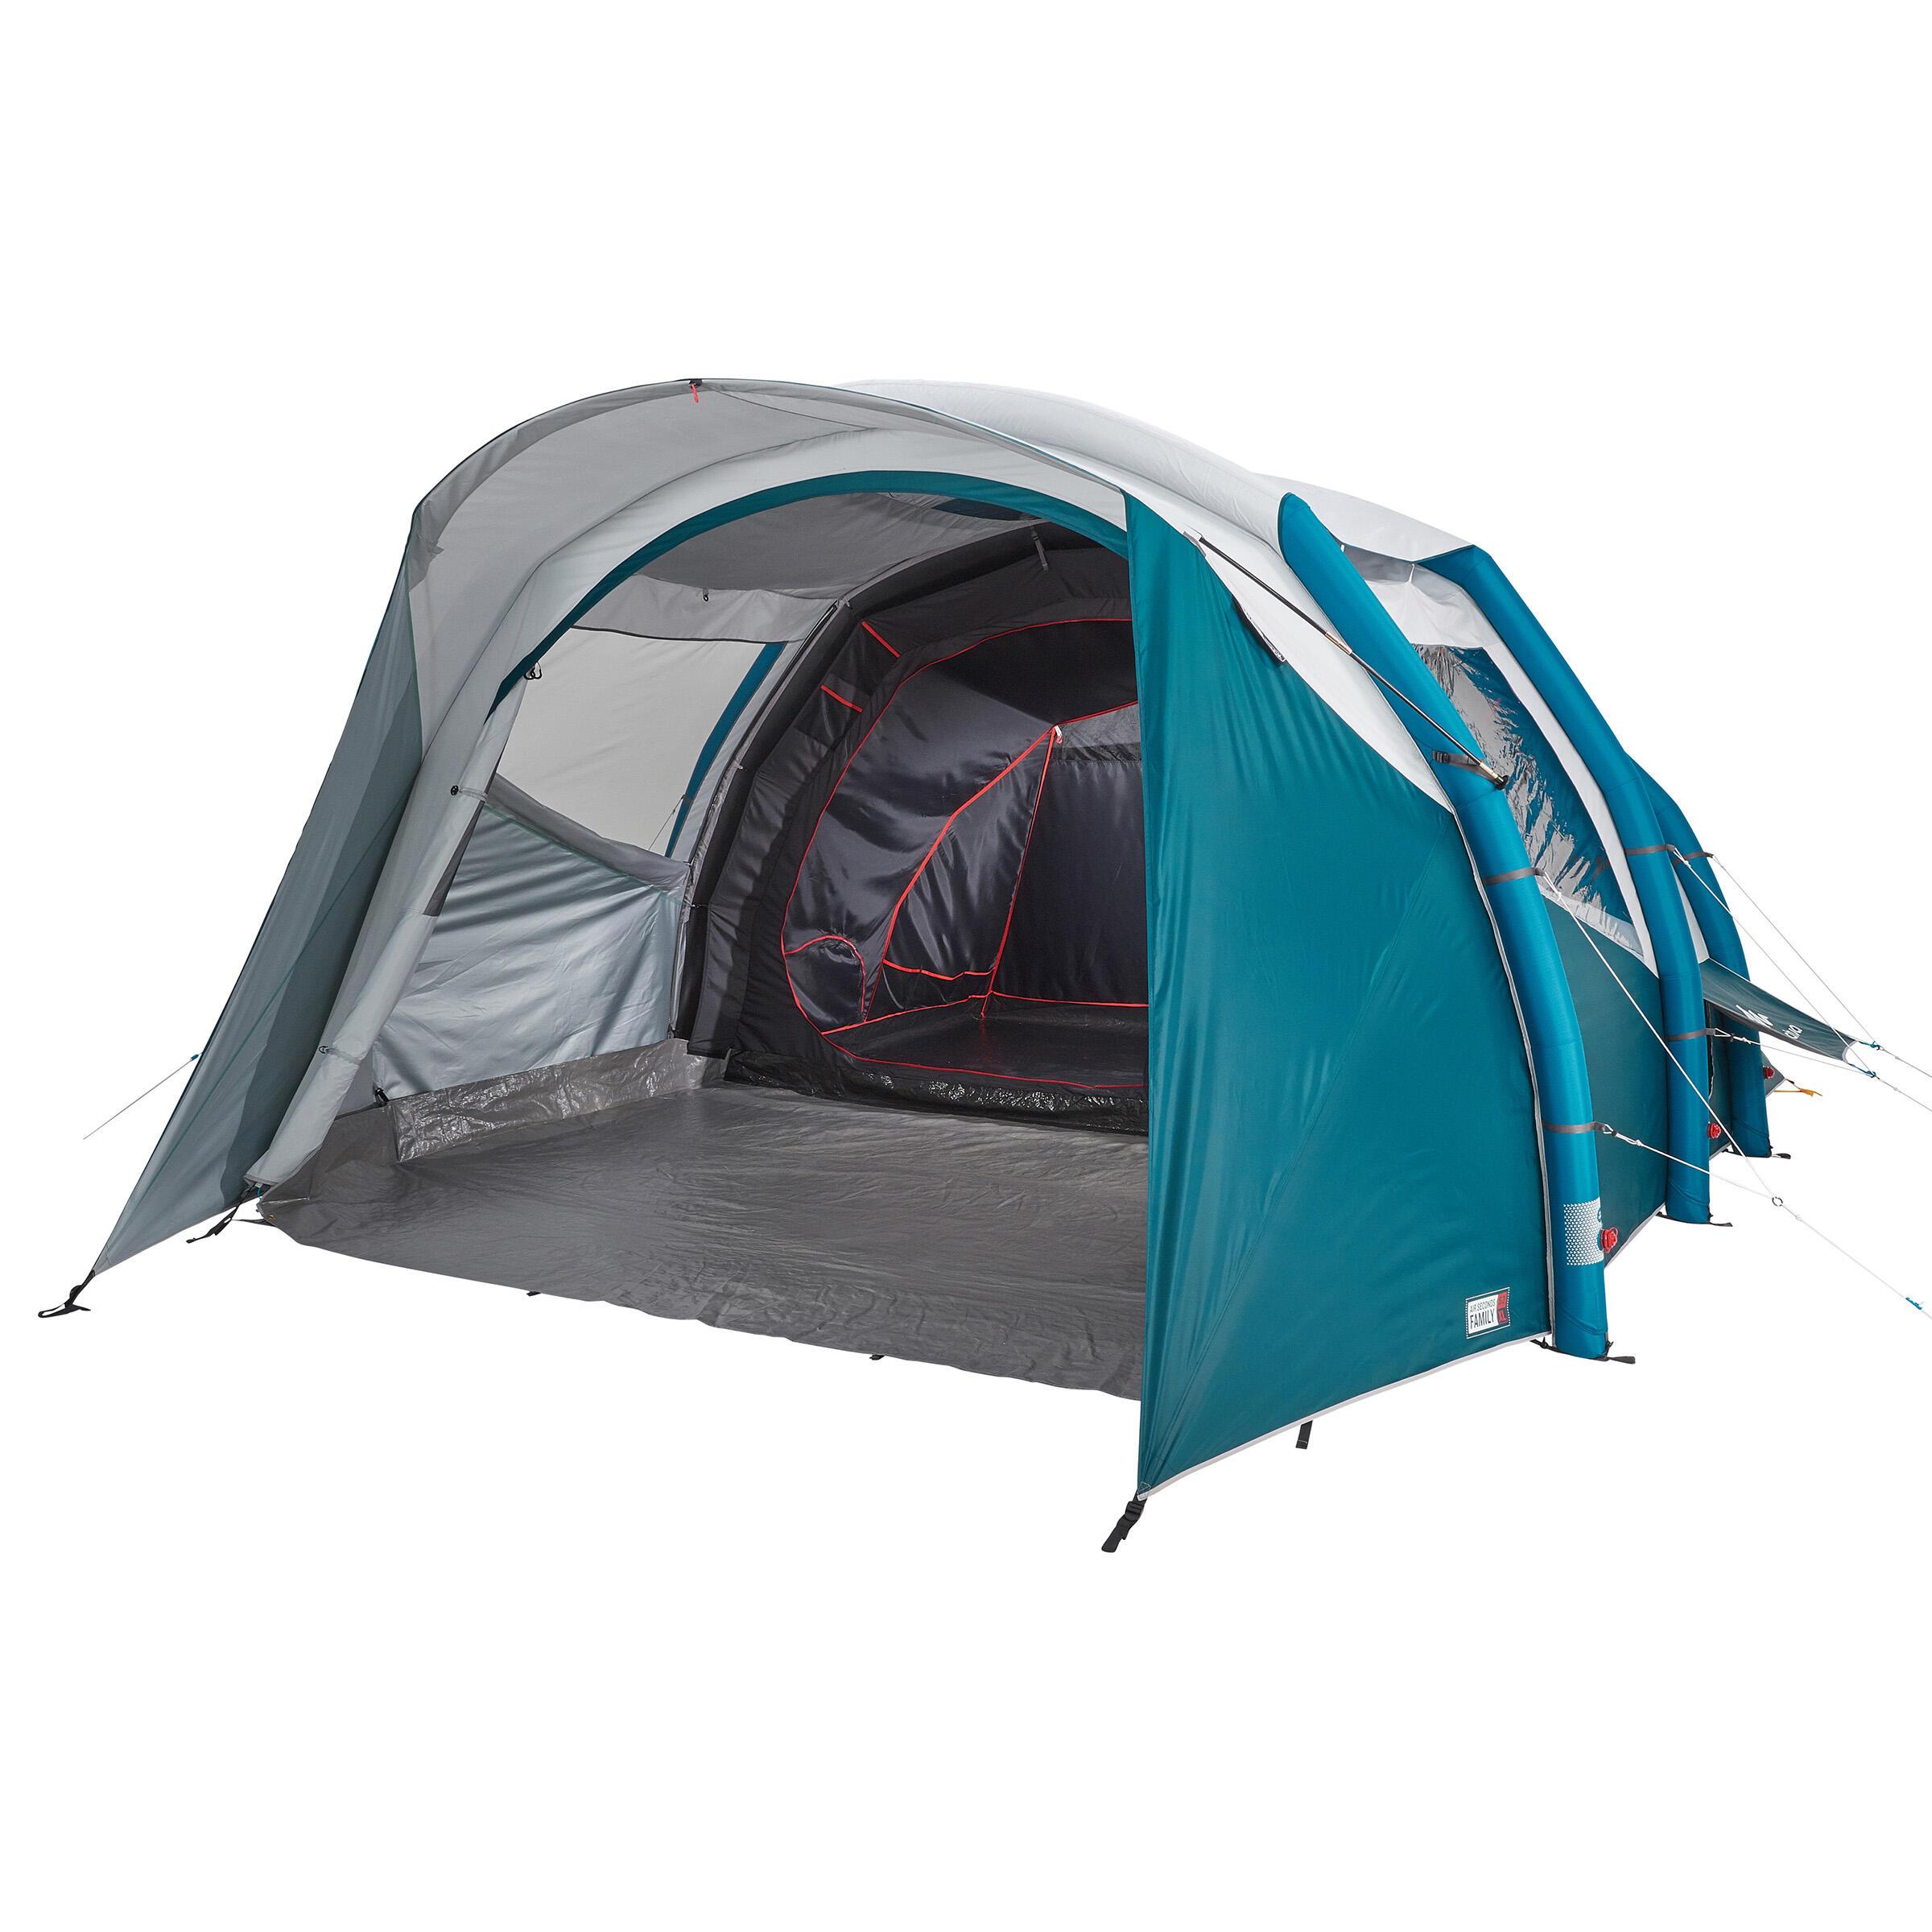 Quechua Opblaasbare tent   5 personen AIR SECONDS 5.2 FRESH&BLACK   2 slaapcabines kopen? Lees eerst dit